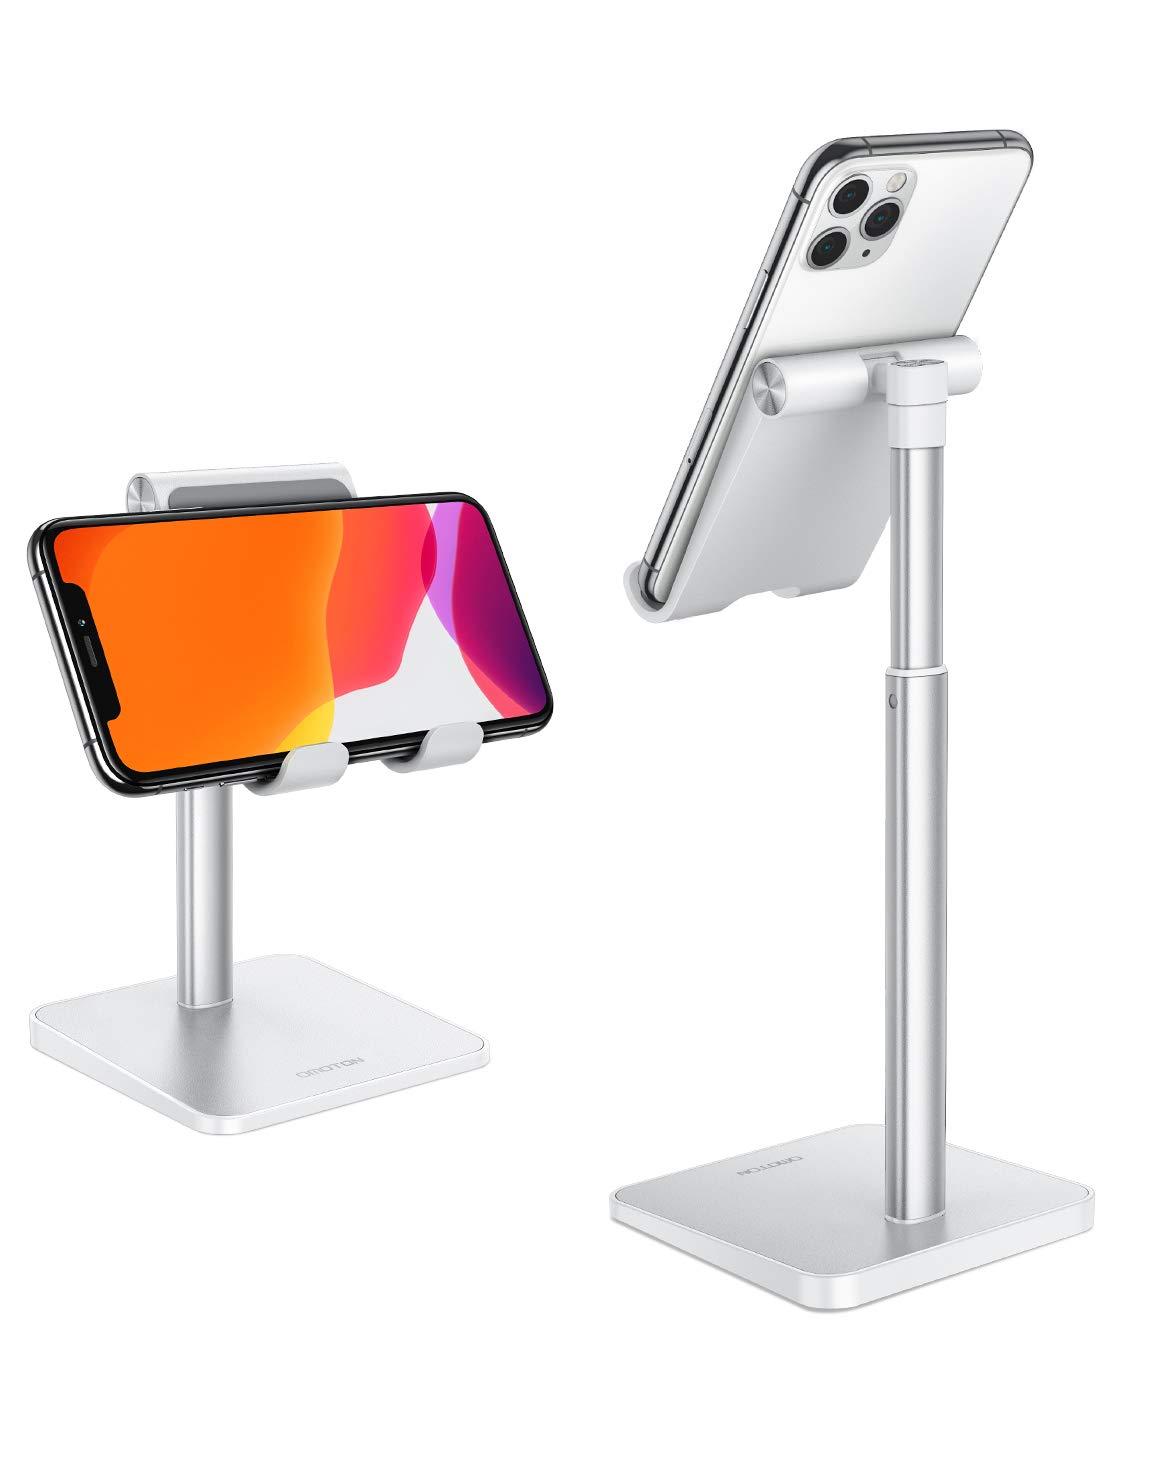 OMOTON Soporte Móvil Mesa para iPhone 11/XR/Samsung S20/ Huawei P40/ Xiaomi Mi10, Universal Multiángulo Soporte Teléfono Ajustable para Smartphone [Blanco]: Amazon.es: Electrónica